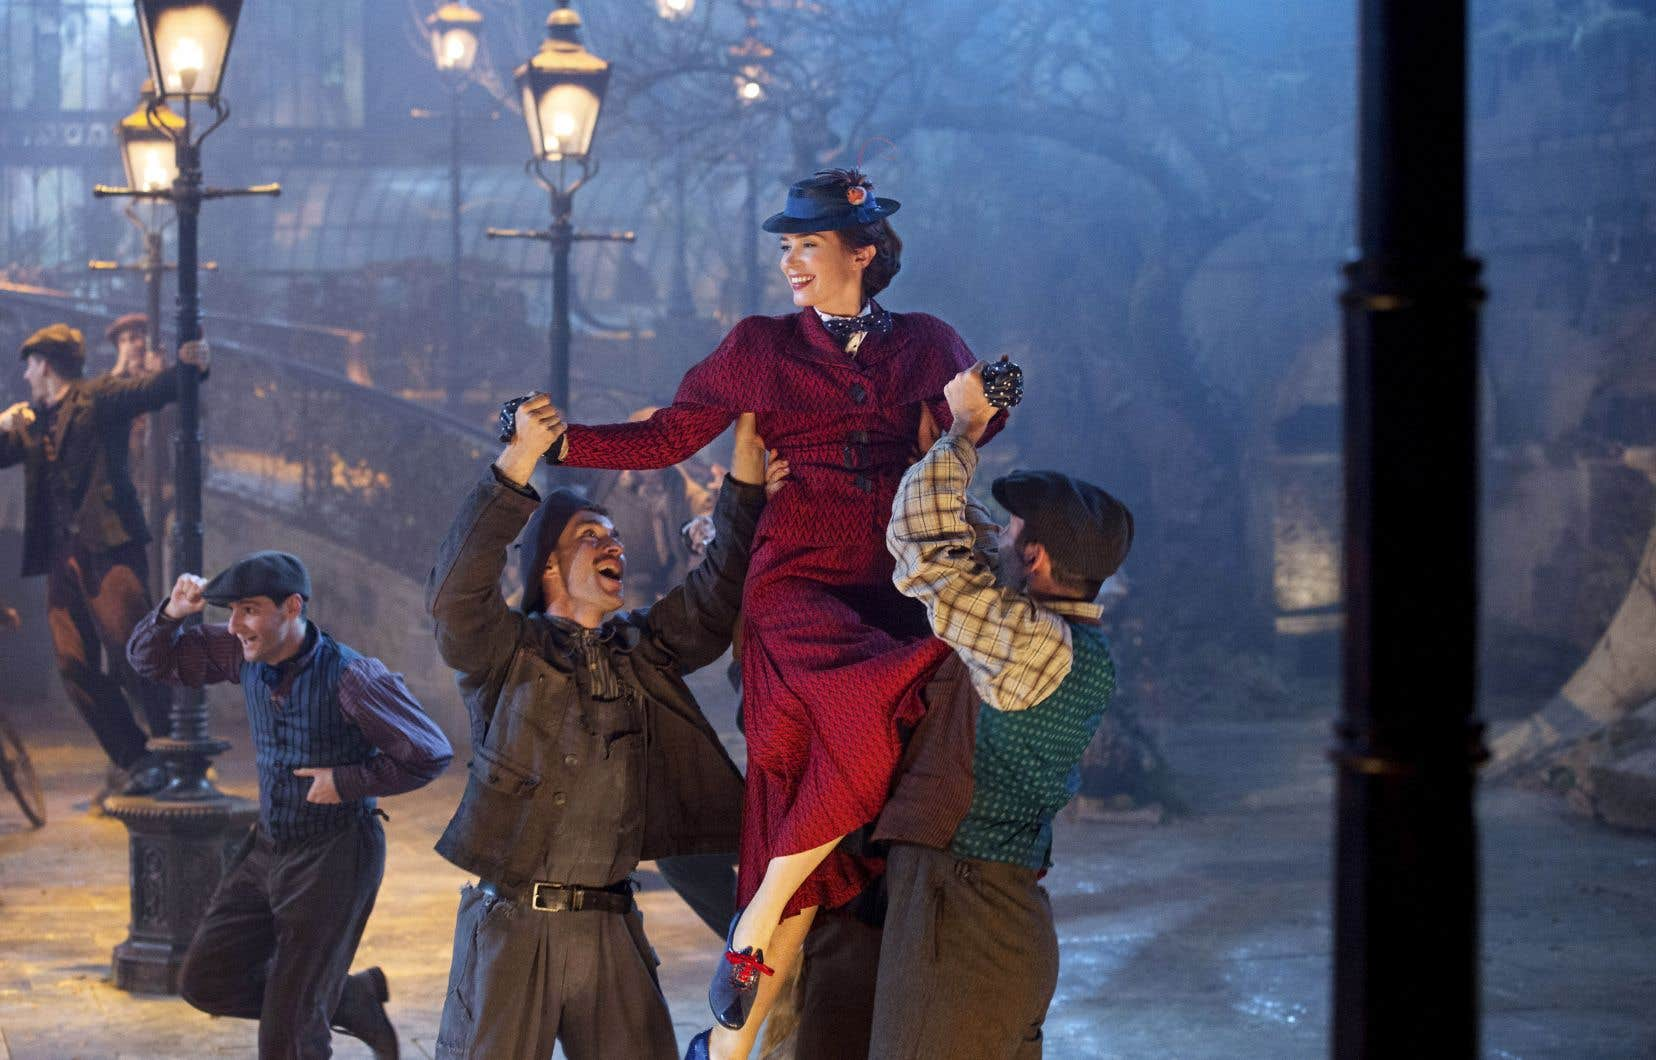 Cette plus récente mouture du populaire film n'offre pas tant de nouveaux personnages que des variations des modèles originaux.